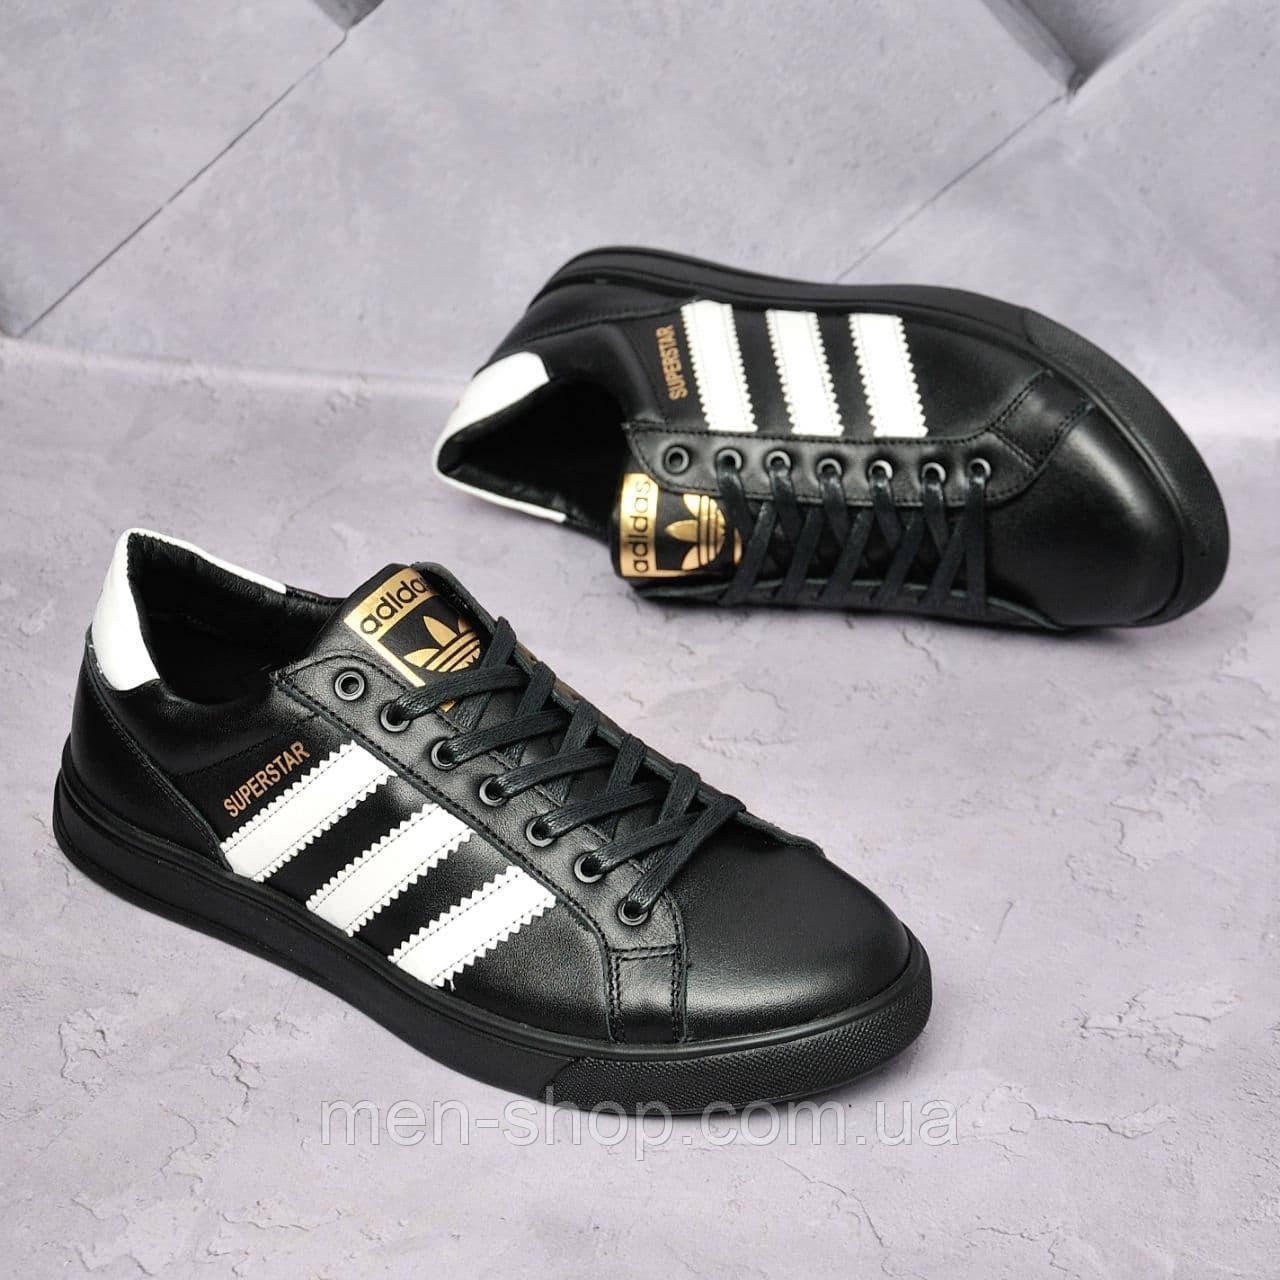 Мужские кожаные кеды Adidas